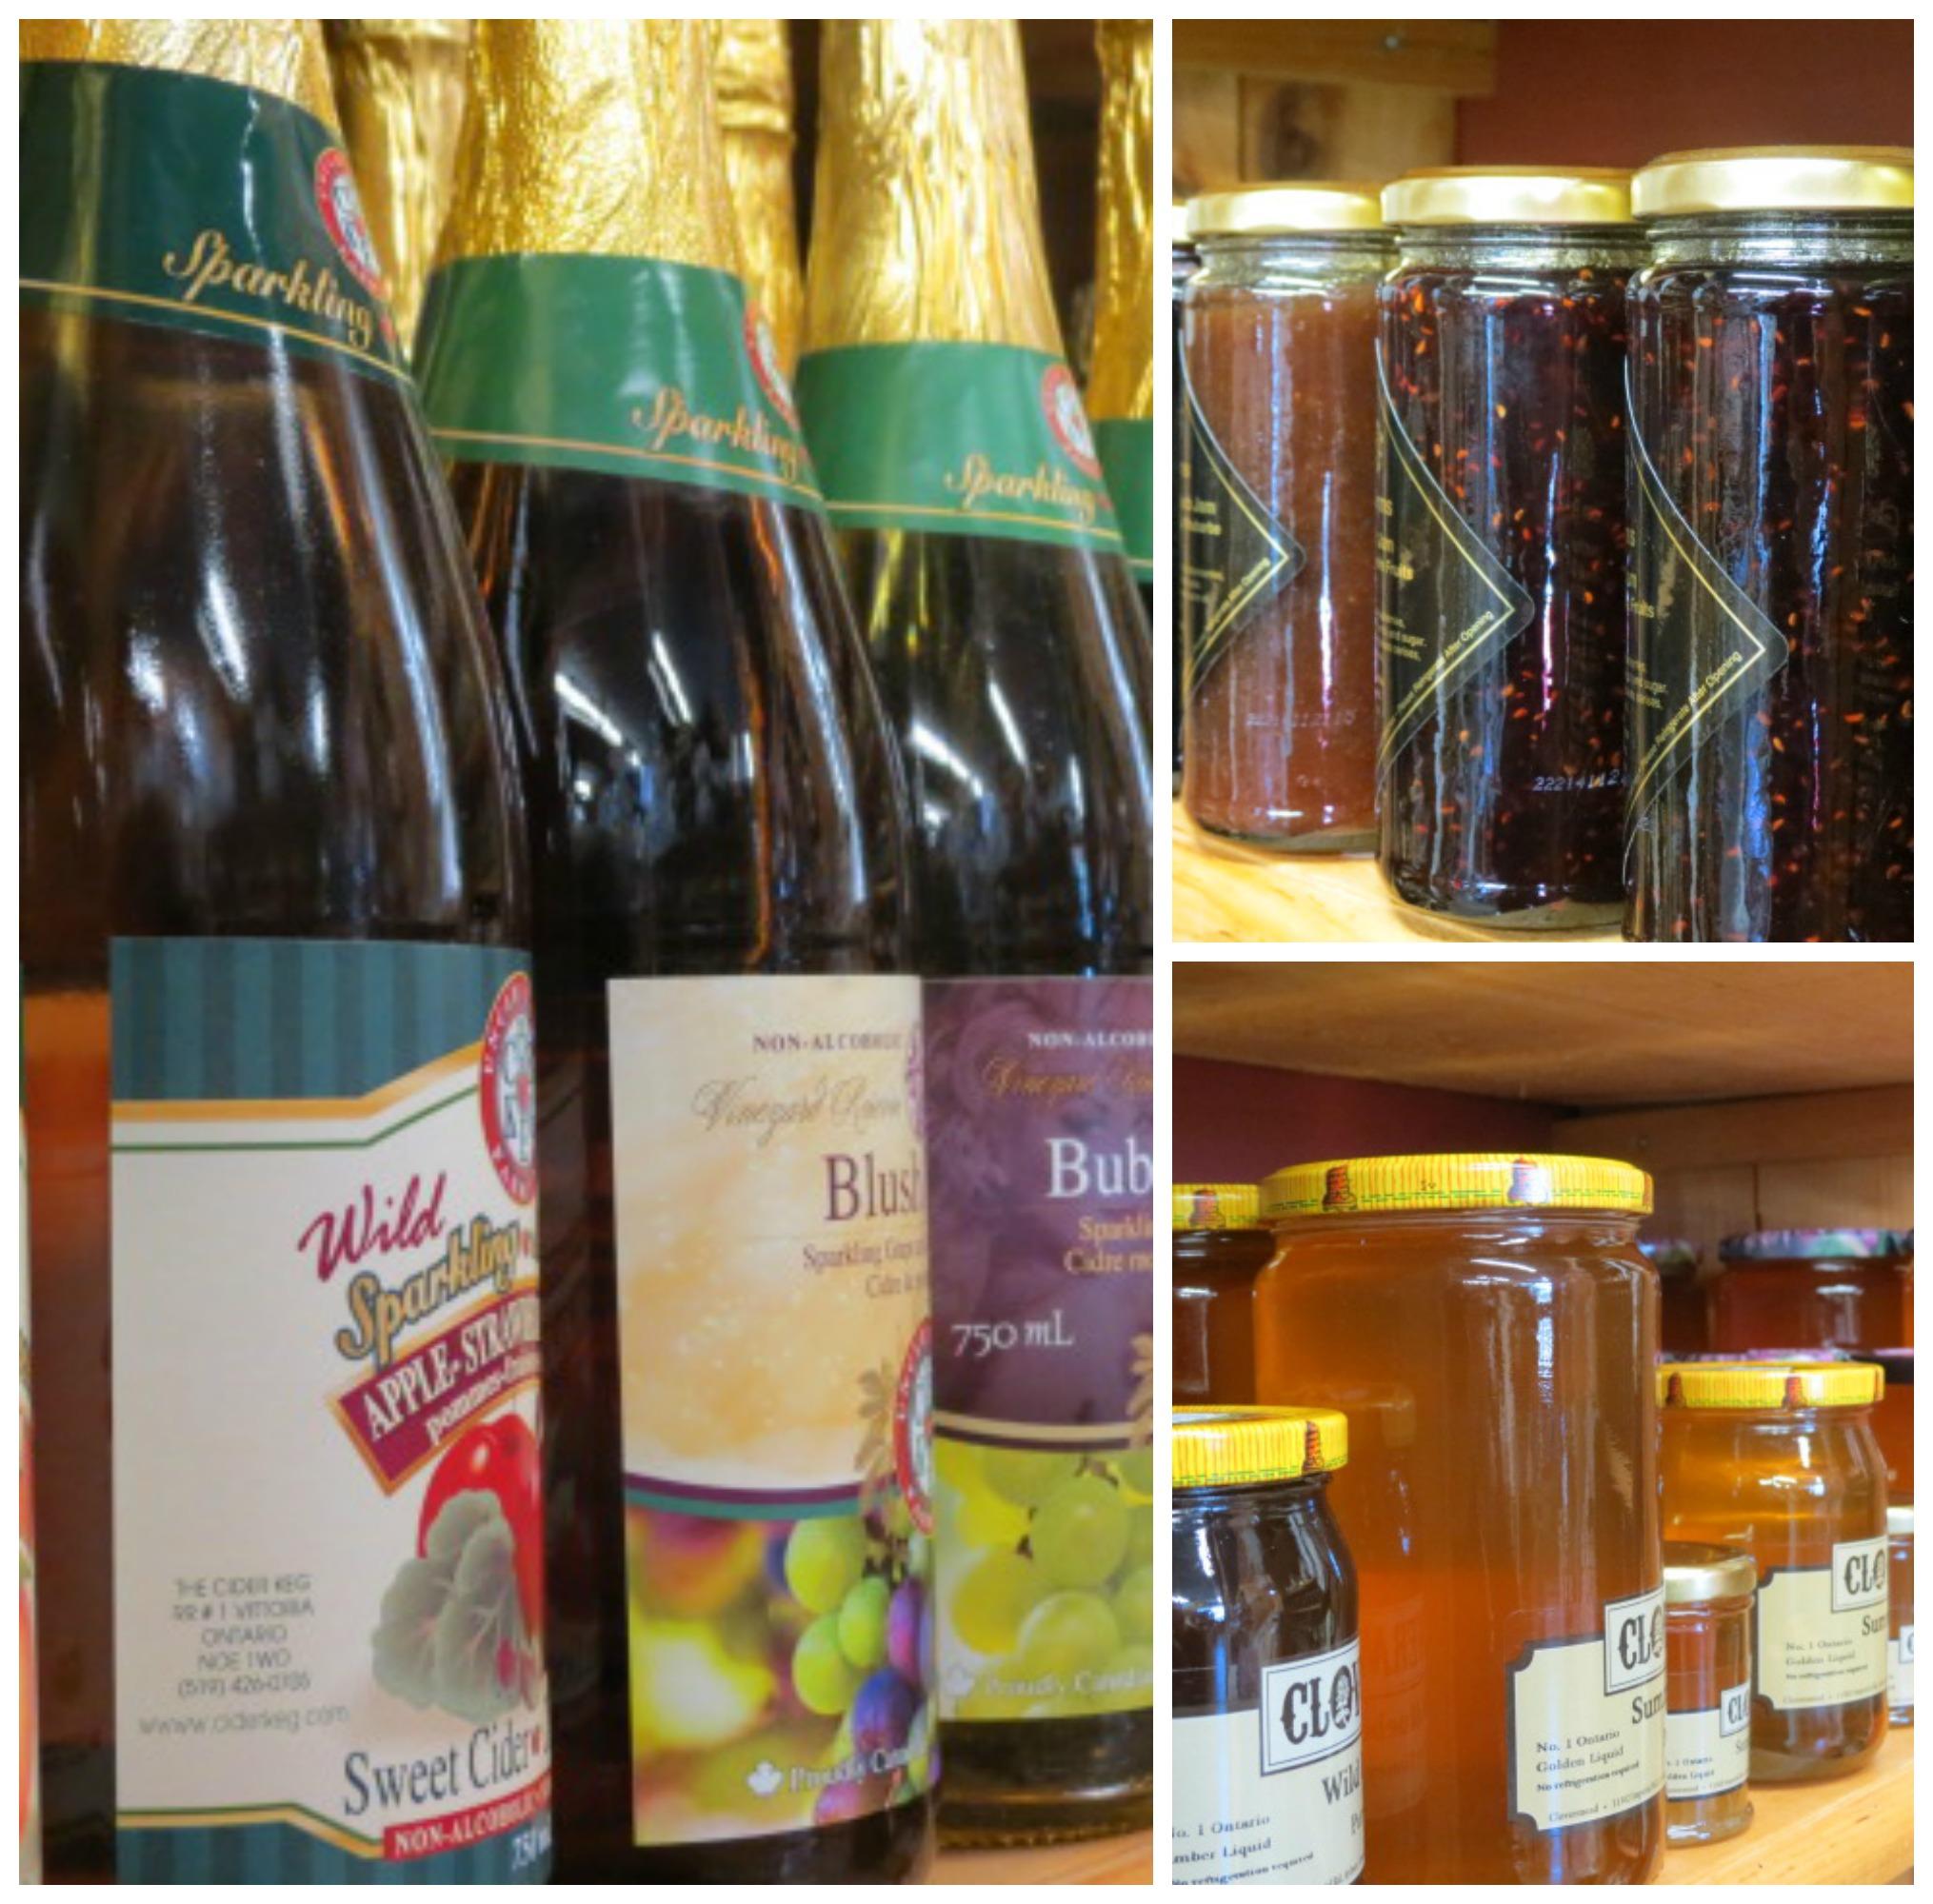 Sparkling Cider, Honey & Gourmet Jam!